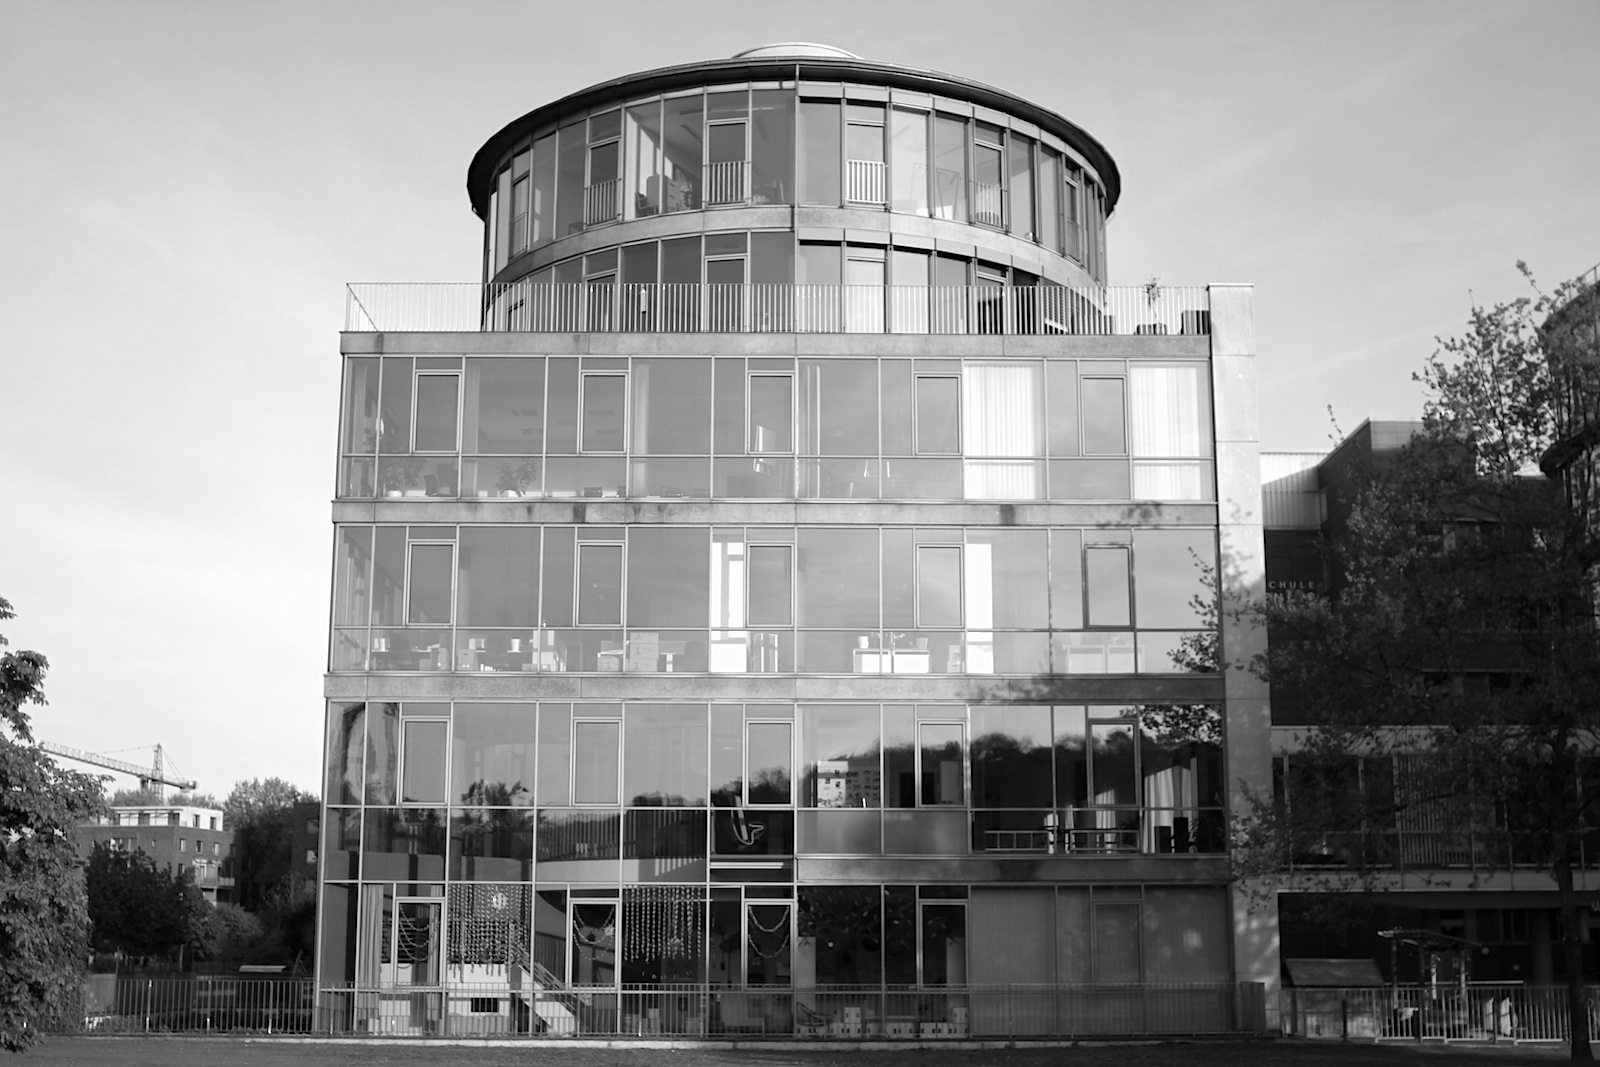 """Im MediaPark 5, 1994. Miroslav Volf, Köln. Die zum Park hin orientierten vollverglasten """"schwebenden Ebenen"""" mit Großraumbüros sind von dem Hauptkörper durch eine Lichtgasse räumlich getrennt."""